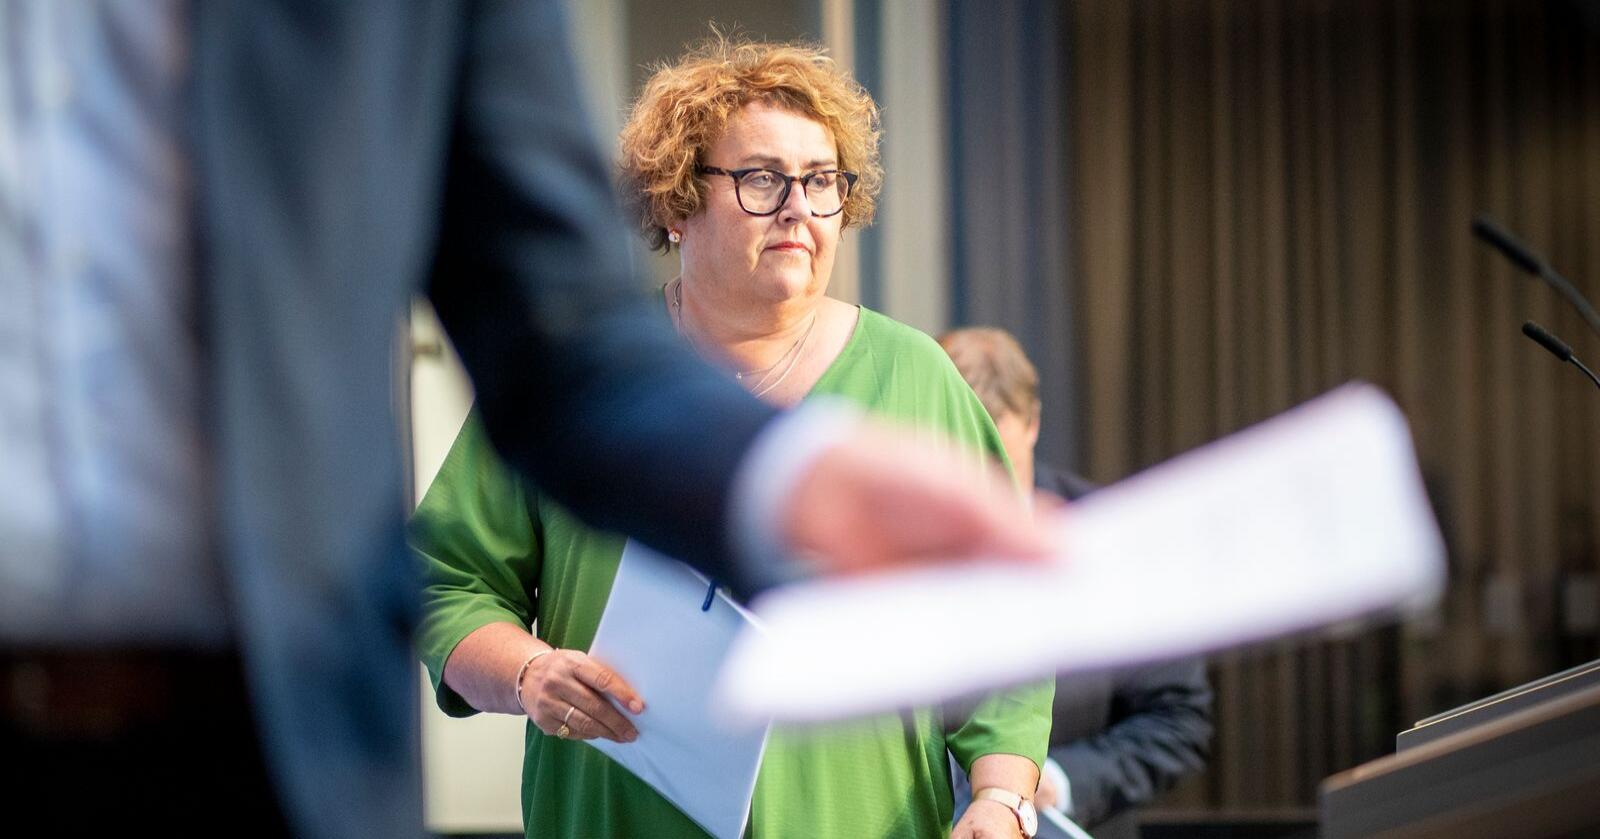 Budsjett: Landbruks- og matminister Olaug Bollestad (KrF) får inn litt over tre prosent meir på budsjettet til Landbruks- og matdepartementet. Foto: Heiko Junge / NTB